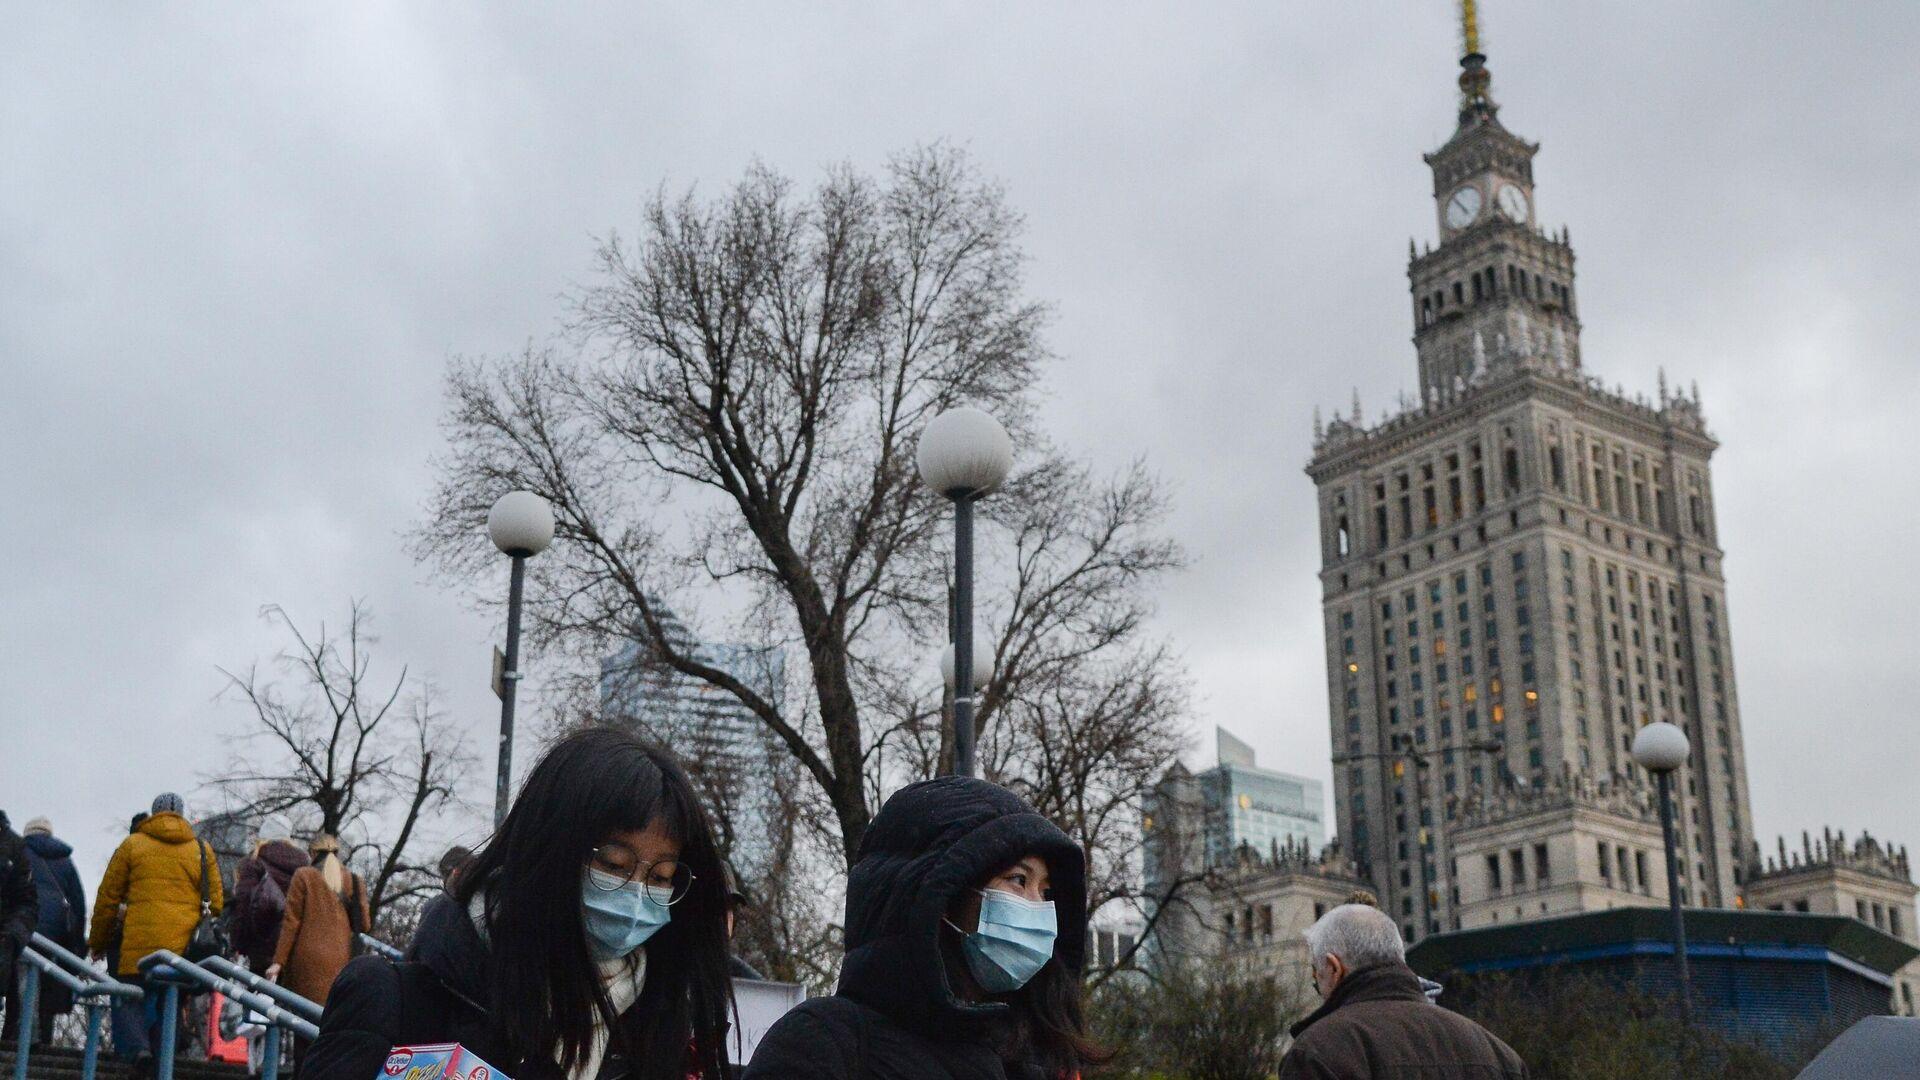 Прохожие в медицинских масках на улице в Варшаве - РИА Новости, 1920, 21.10.2020